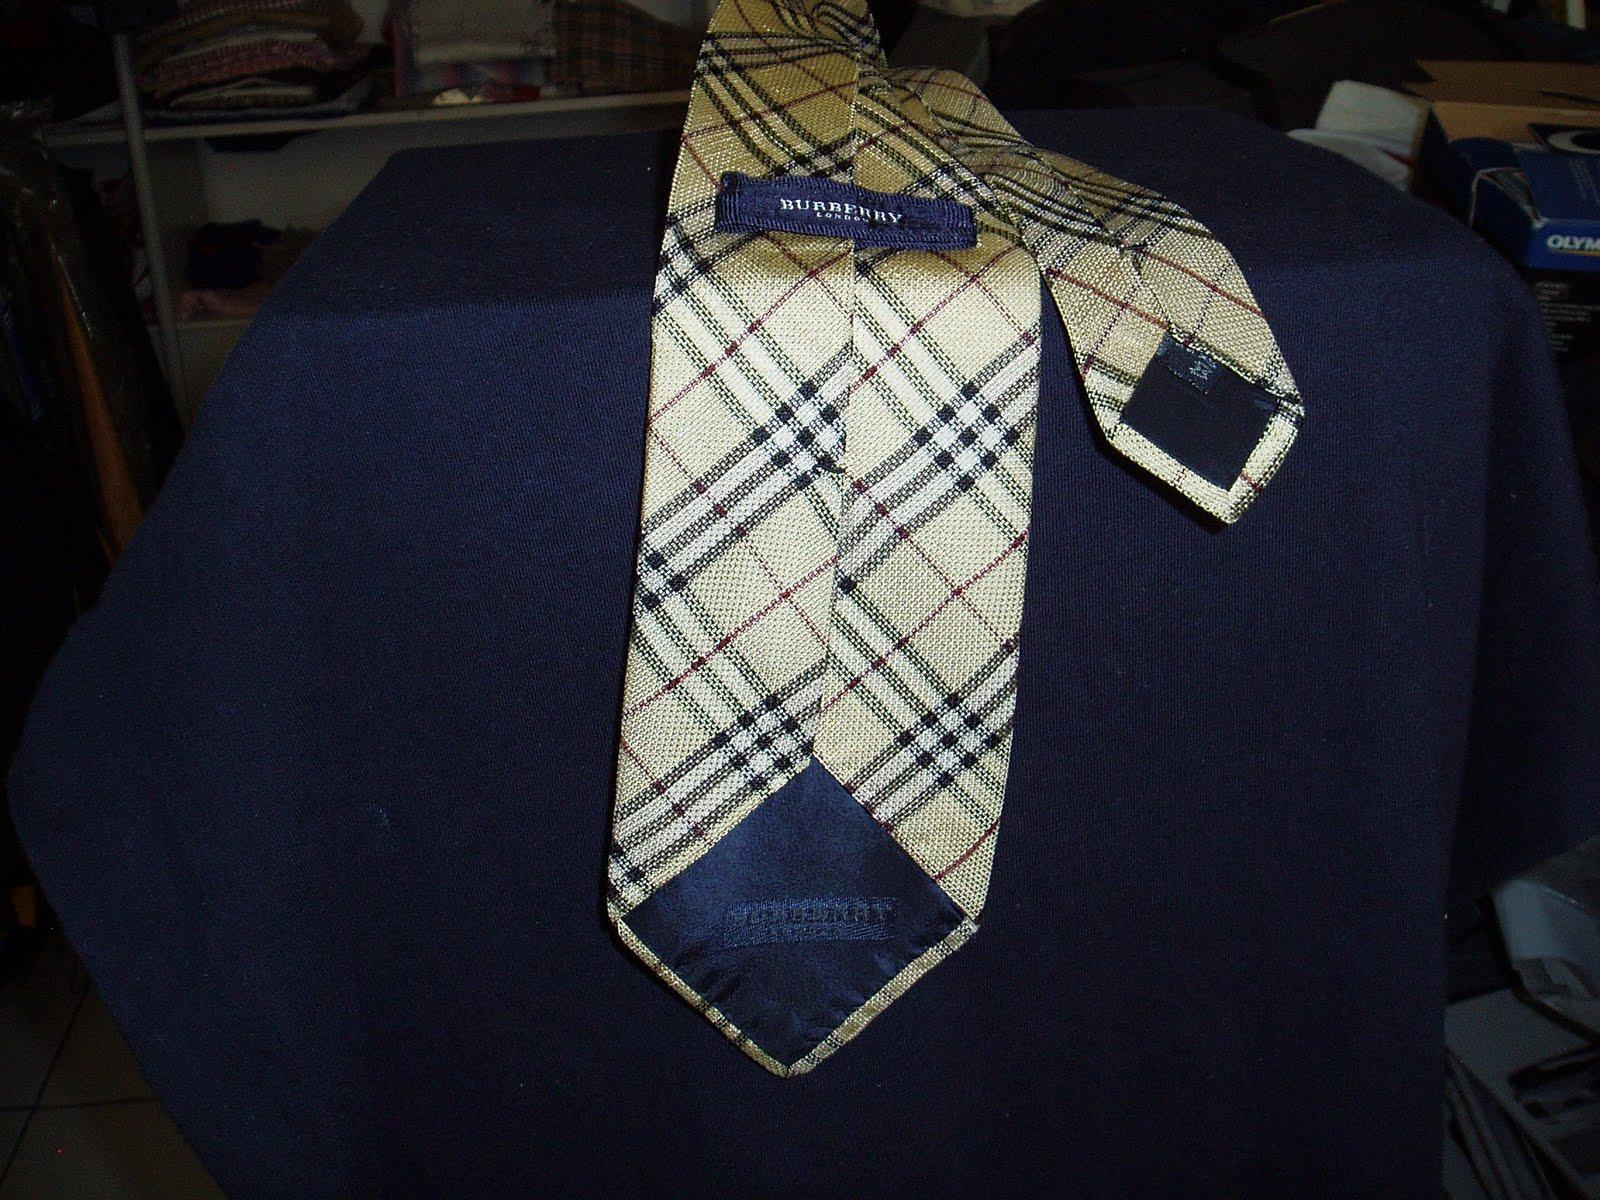 2ROCAmárkás használtruhák  Burberry nyakkendő (necktie) selyem 9cf21f3cdd